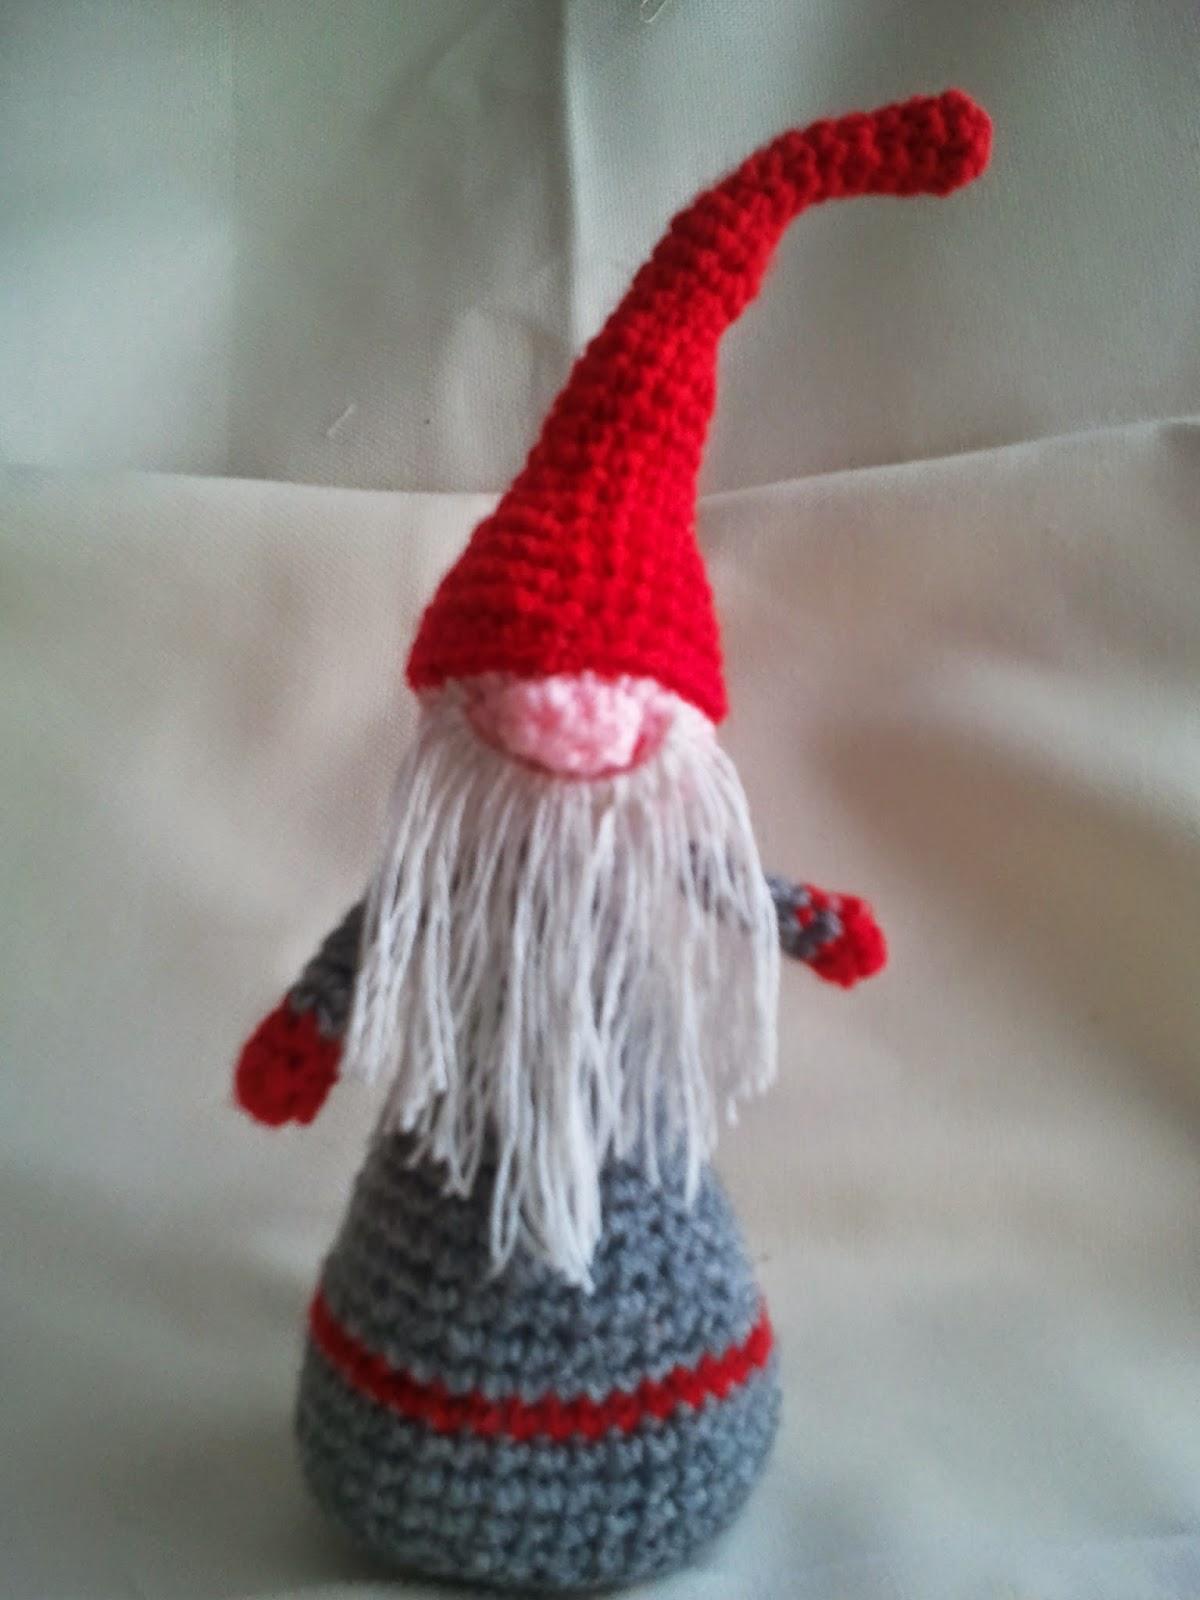 CANAL CROCHET: Duende navideño amigurumi, patrón libre.